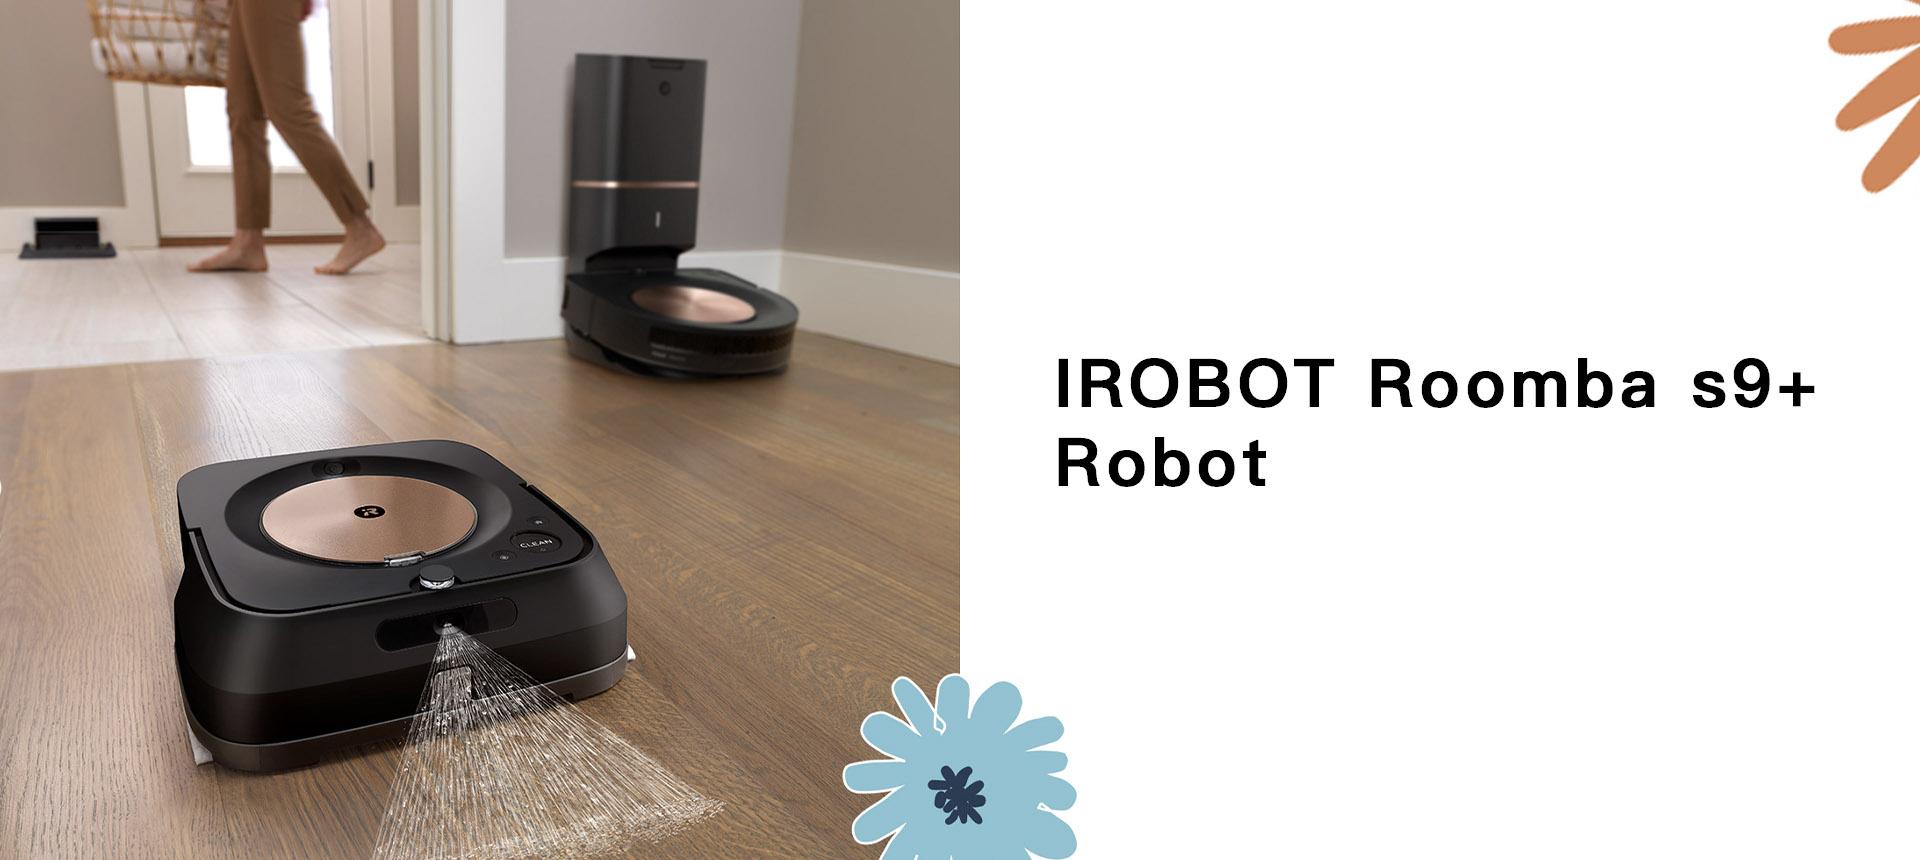 IROBOTRoomba s9+ Best Robot Vacuum